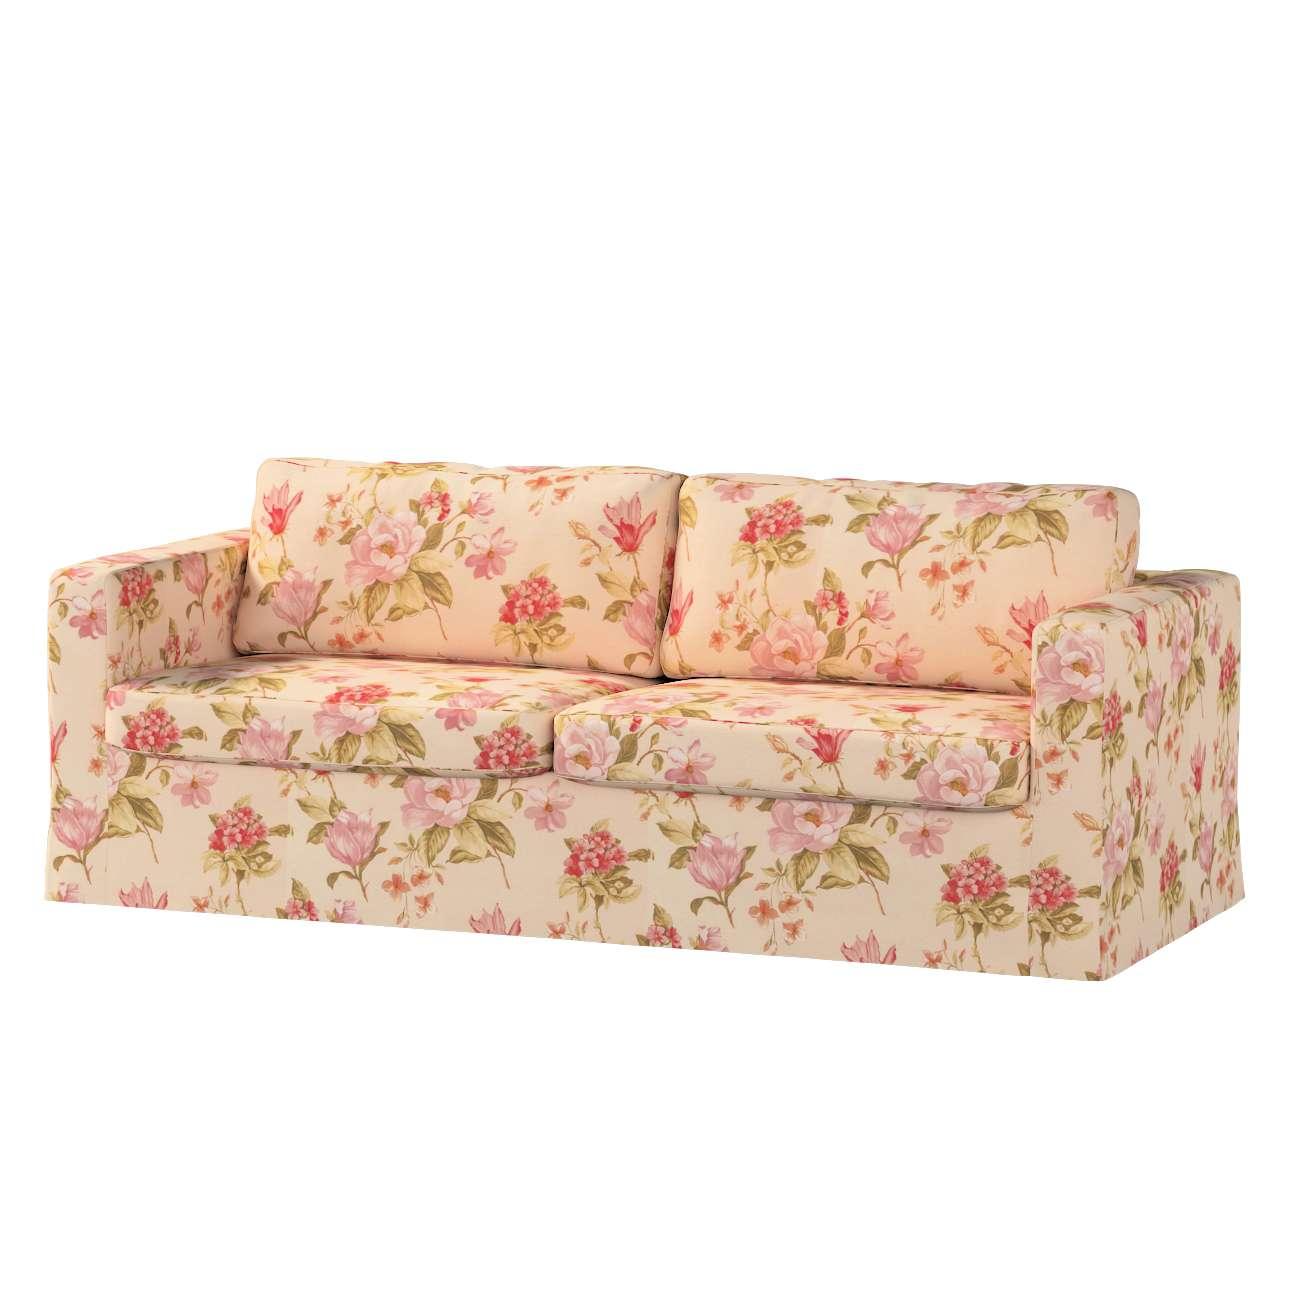 Karlstad 3-Sitzer Sofabezug nicht ausklappbar lang Sofahusse, Karlstad 3-Sitzer von der Kollektion Londres, Stoff: 123-05